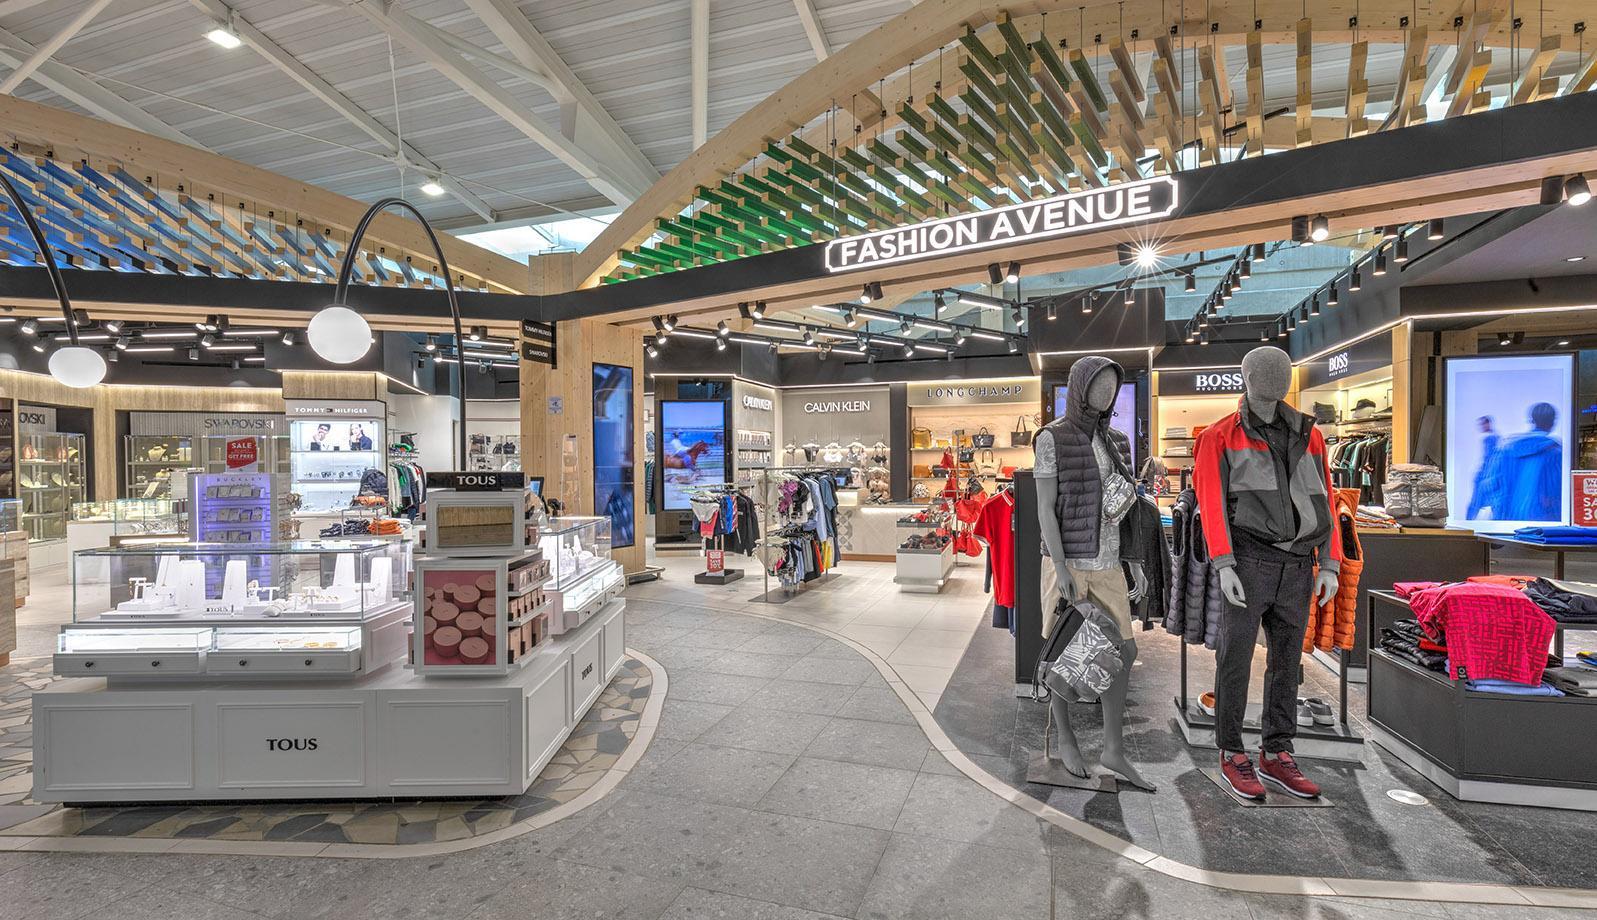 В аэропорту Ларнаки завершилась грандиозная модернизация коммерческой части в зоне вылета